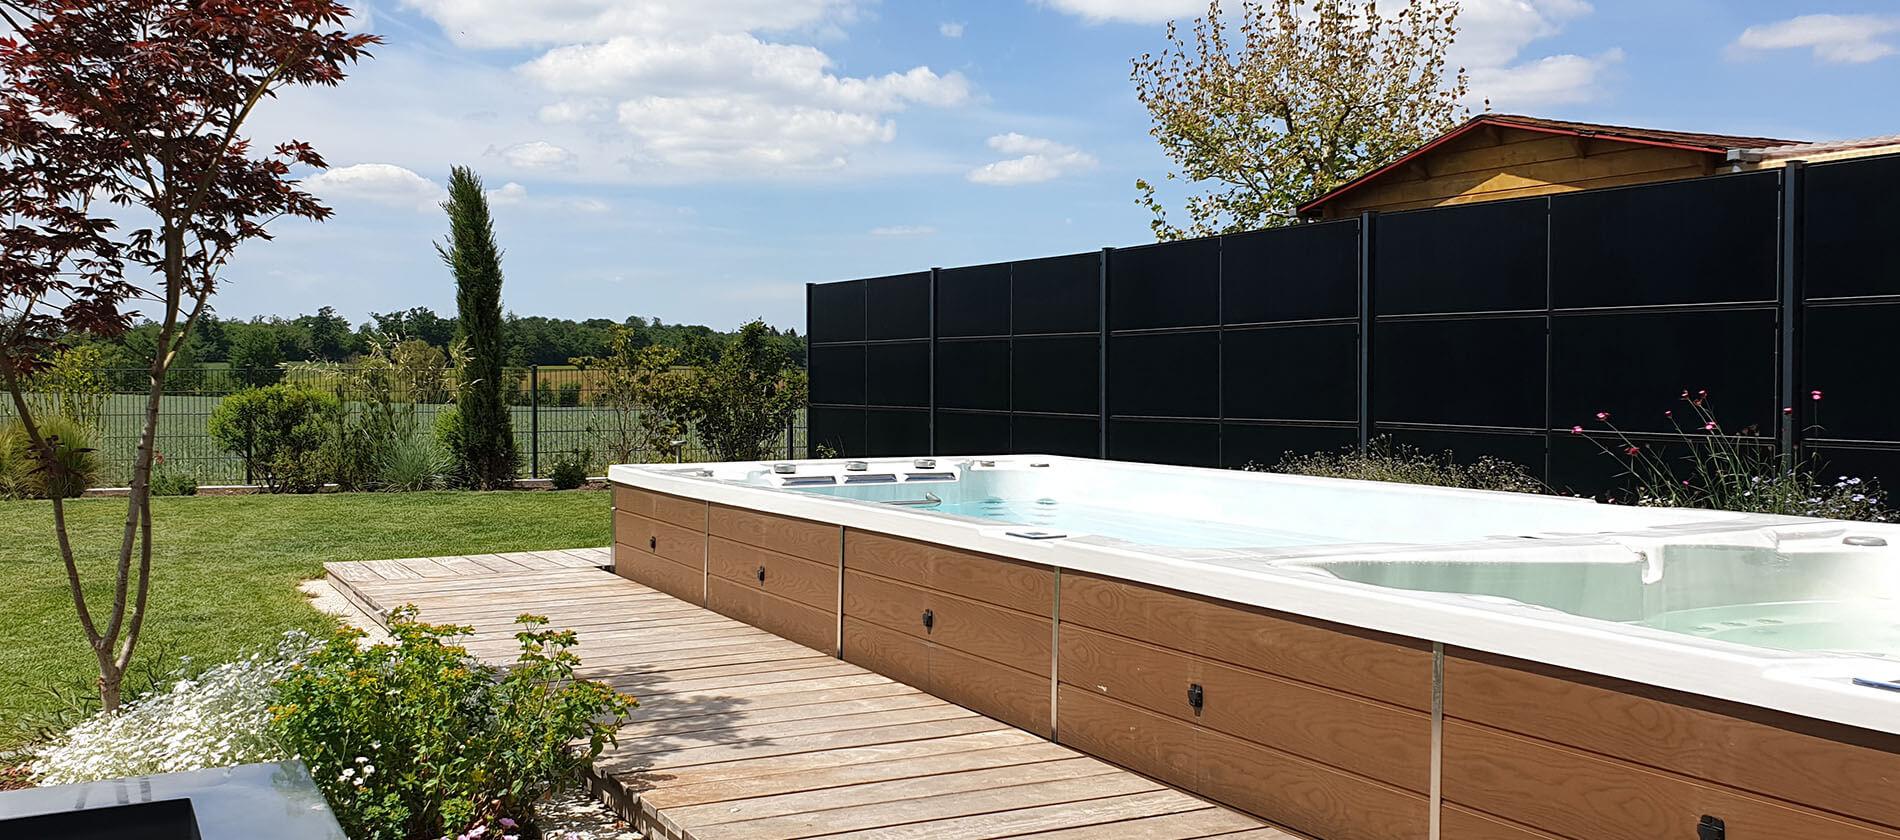 SolarZaun Referenz am Wohnhaus mit Swimming-Pool in Illingen